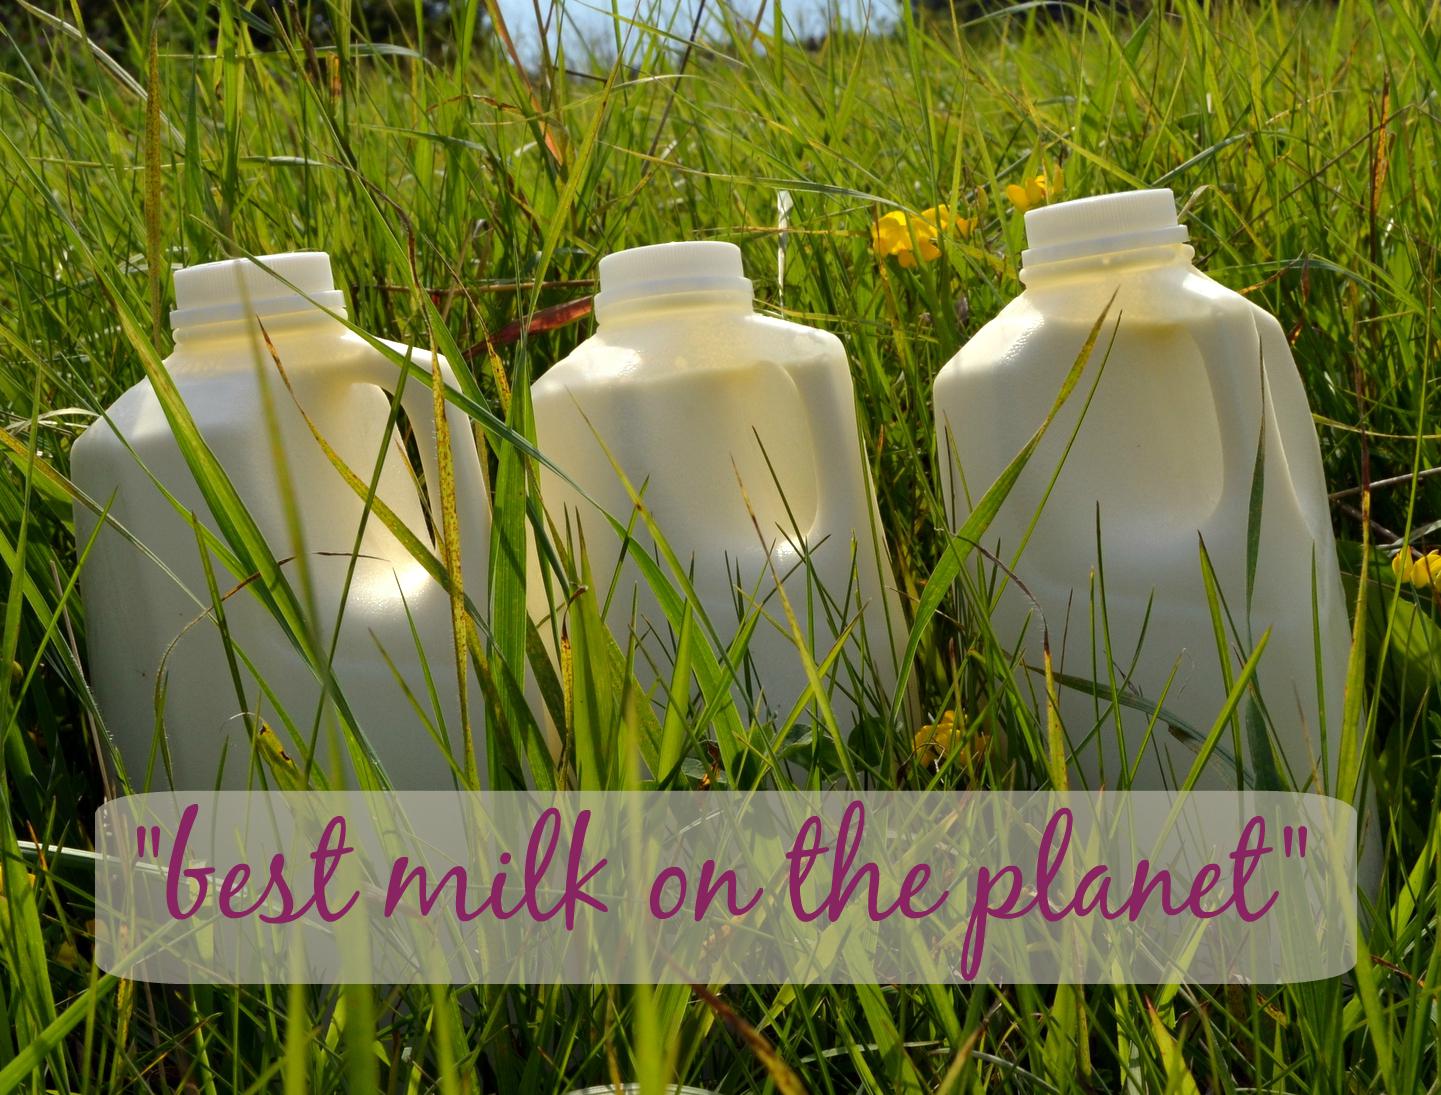 That's how people describe my milk!